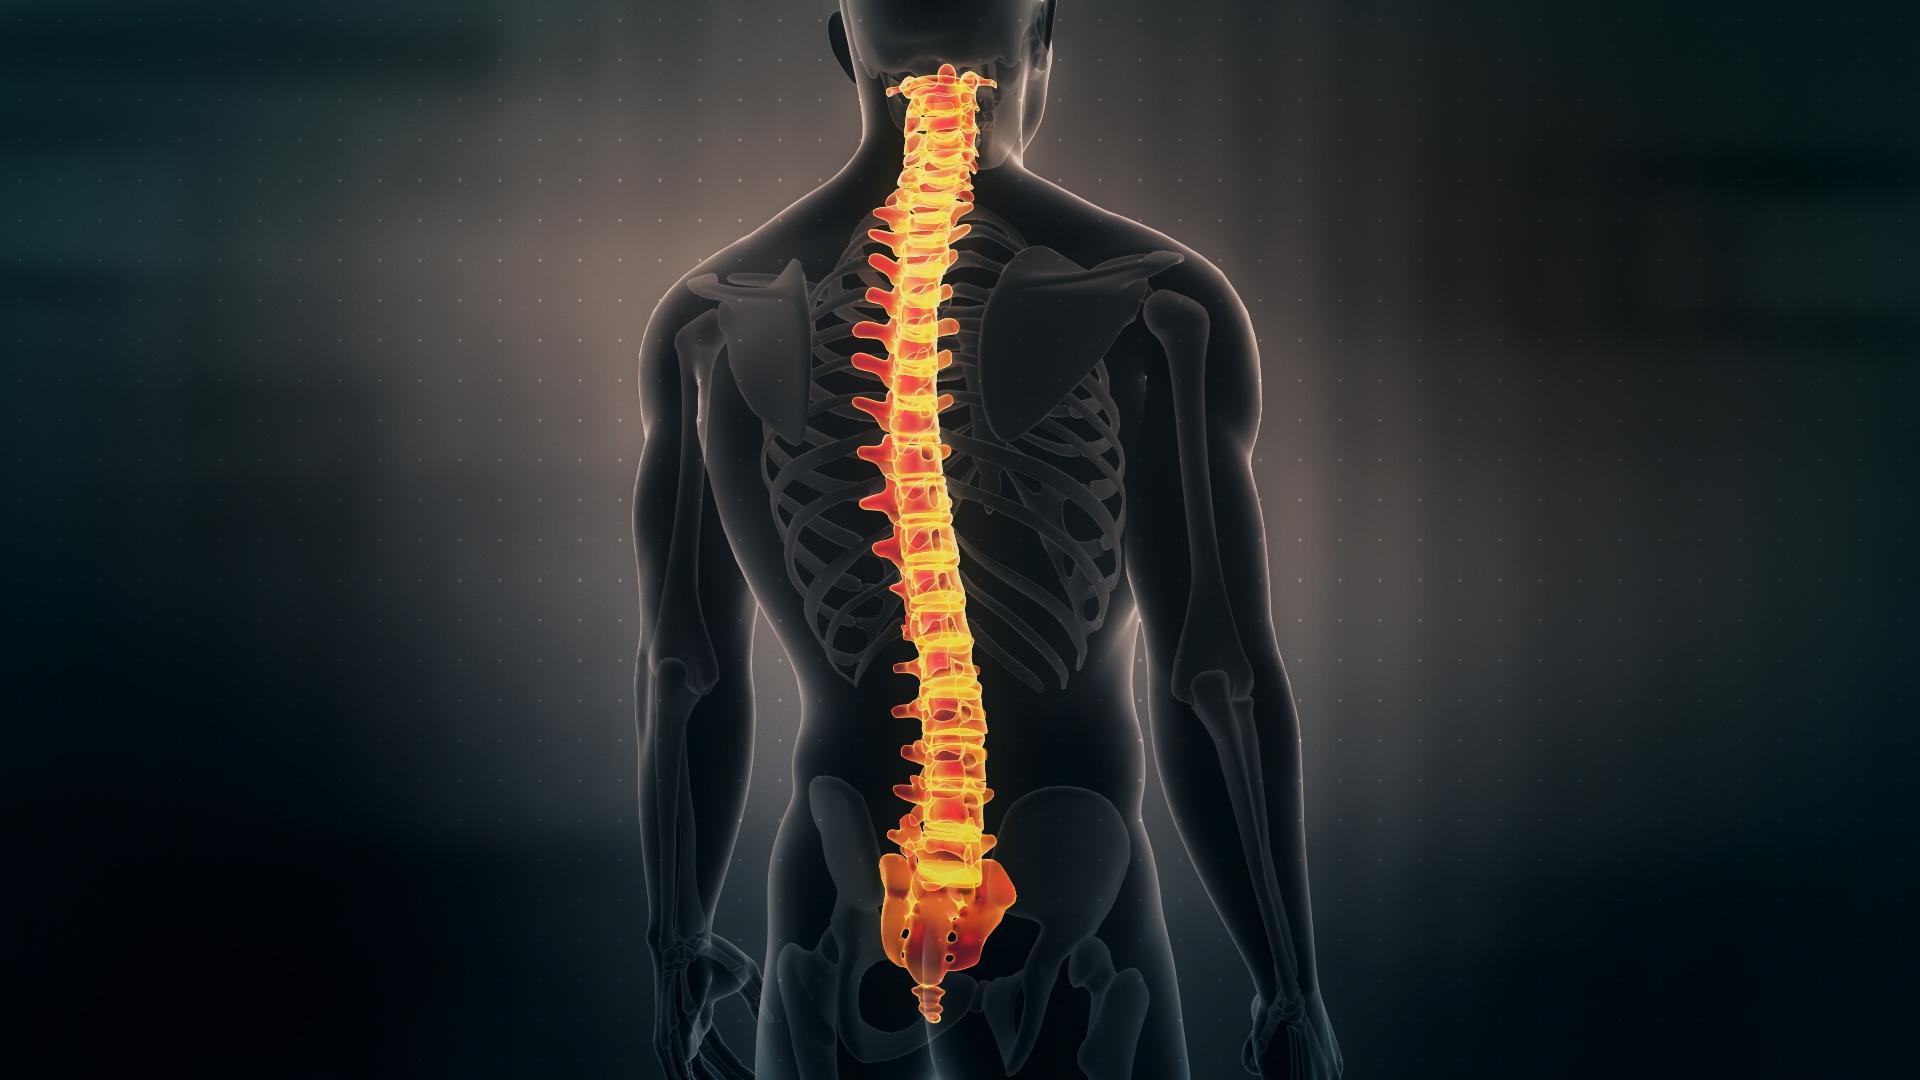 Восстановиться после травмы спинного мозга реально, уверены эксперты Поднебесной